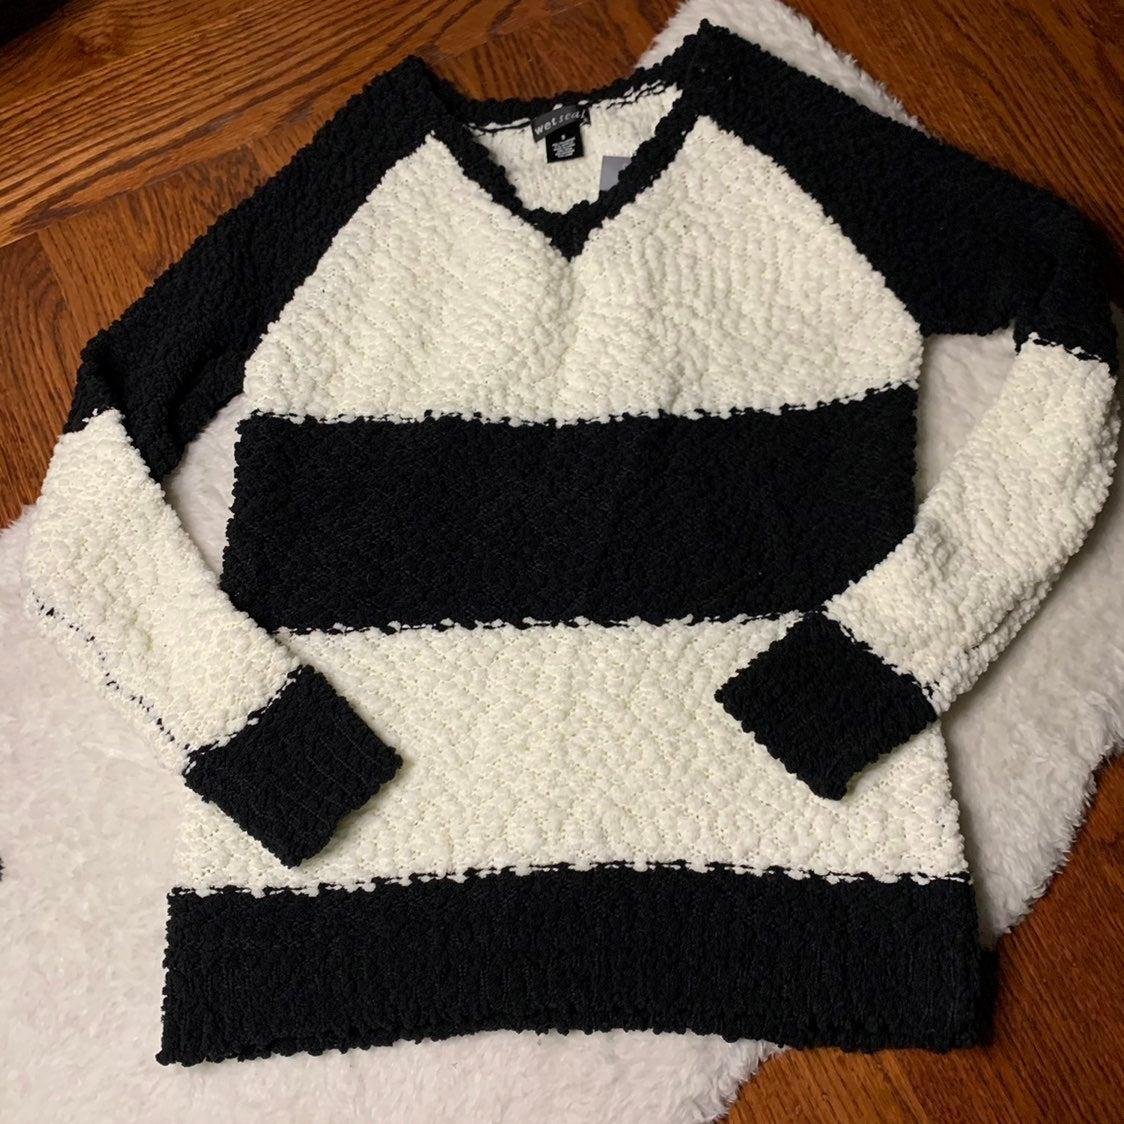 Black & Cream Striped Sherpa Sweater